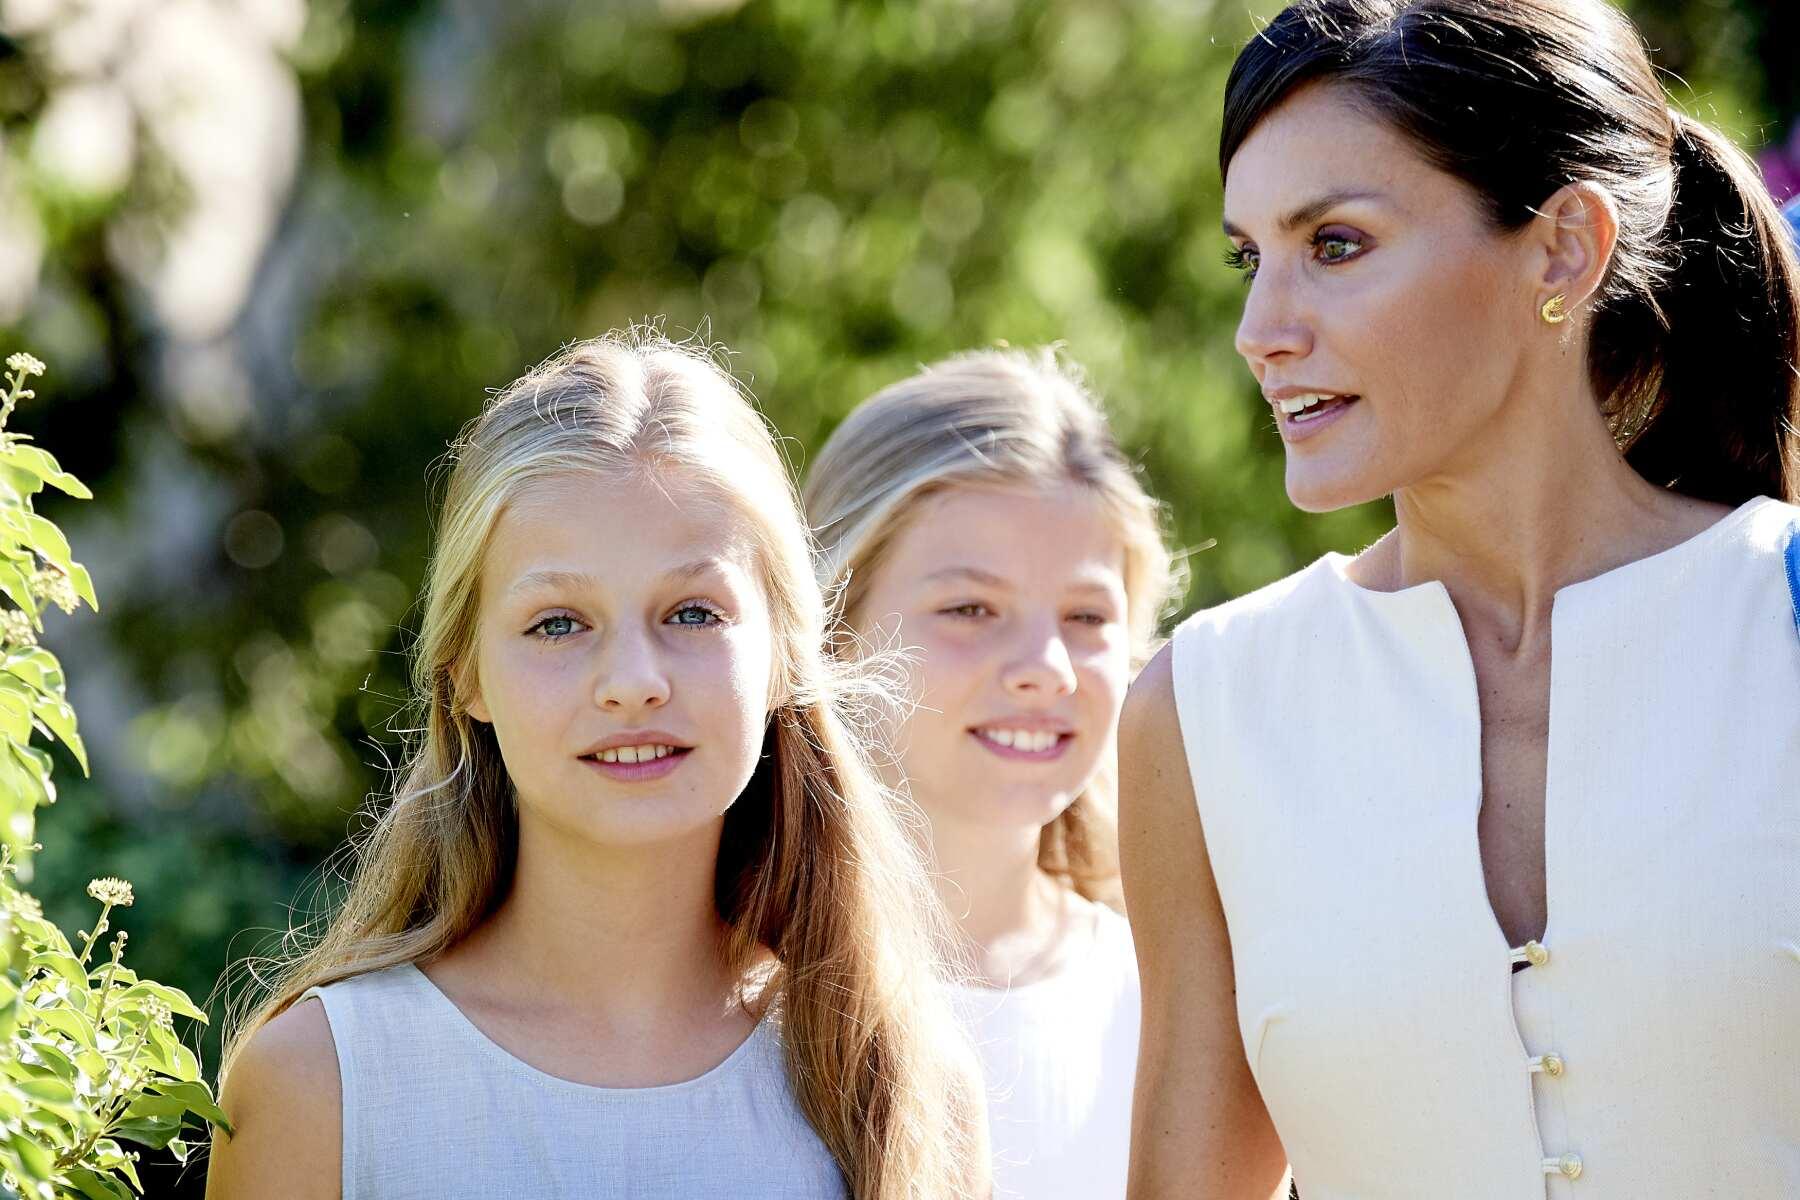 La reina Letizia con sus hijas Leonor y Sofía.